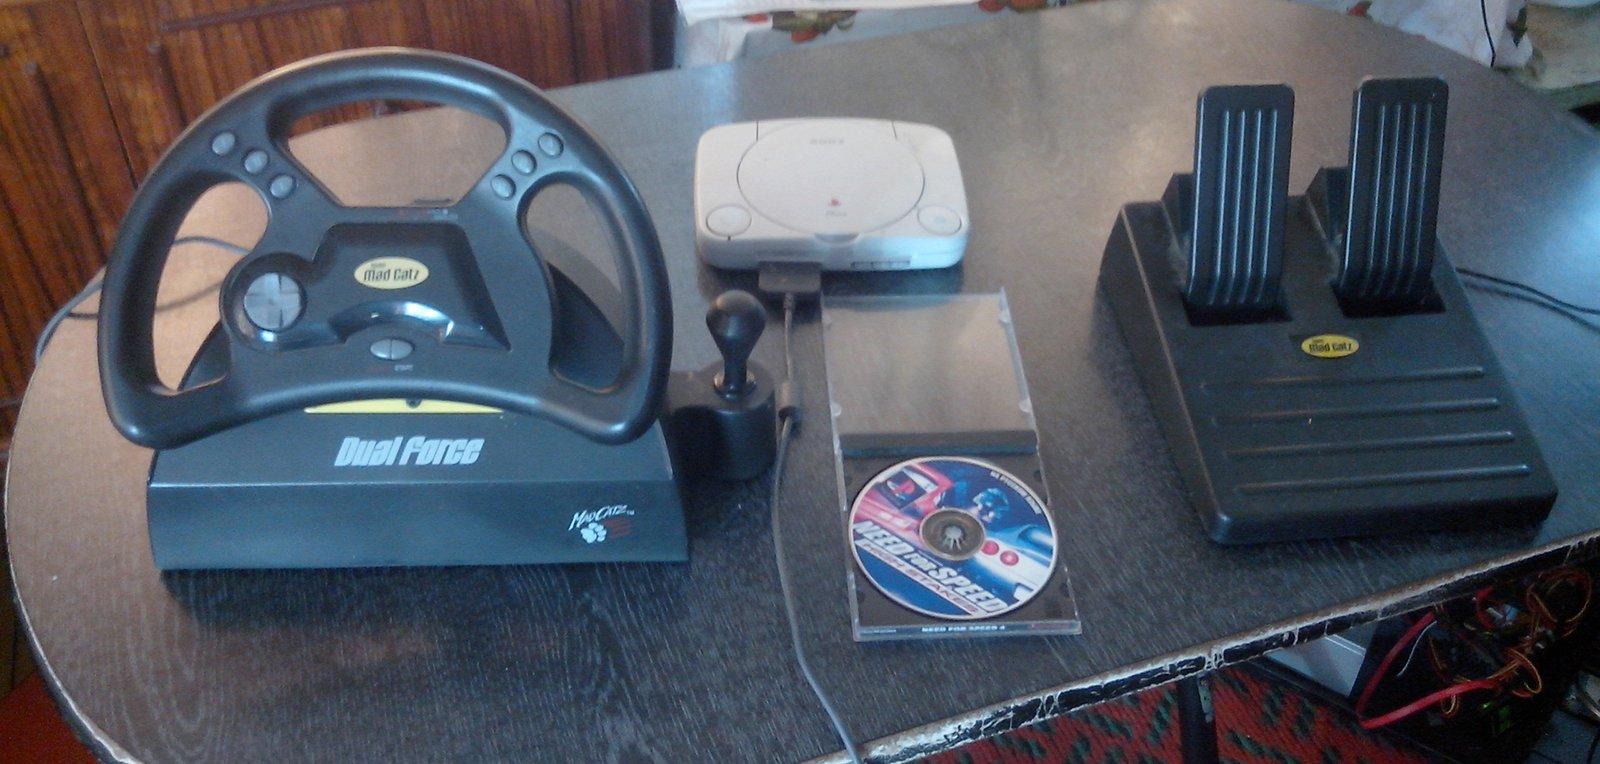 Детство с Playstation. - Изображение 4